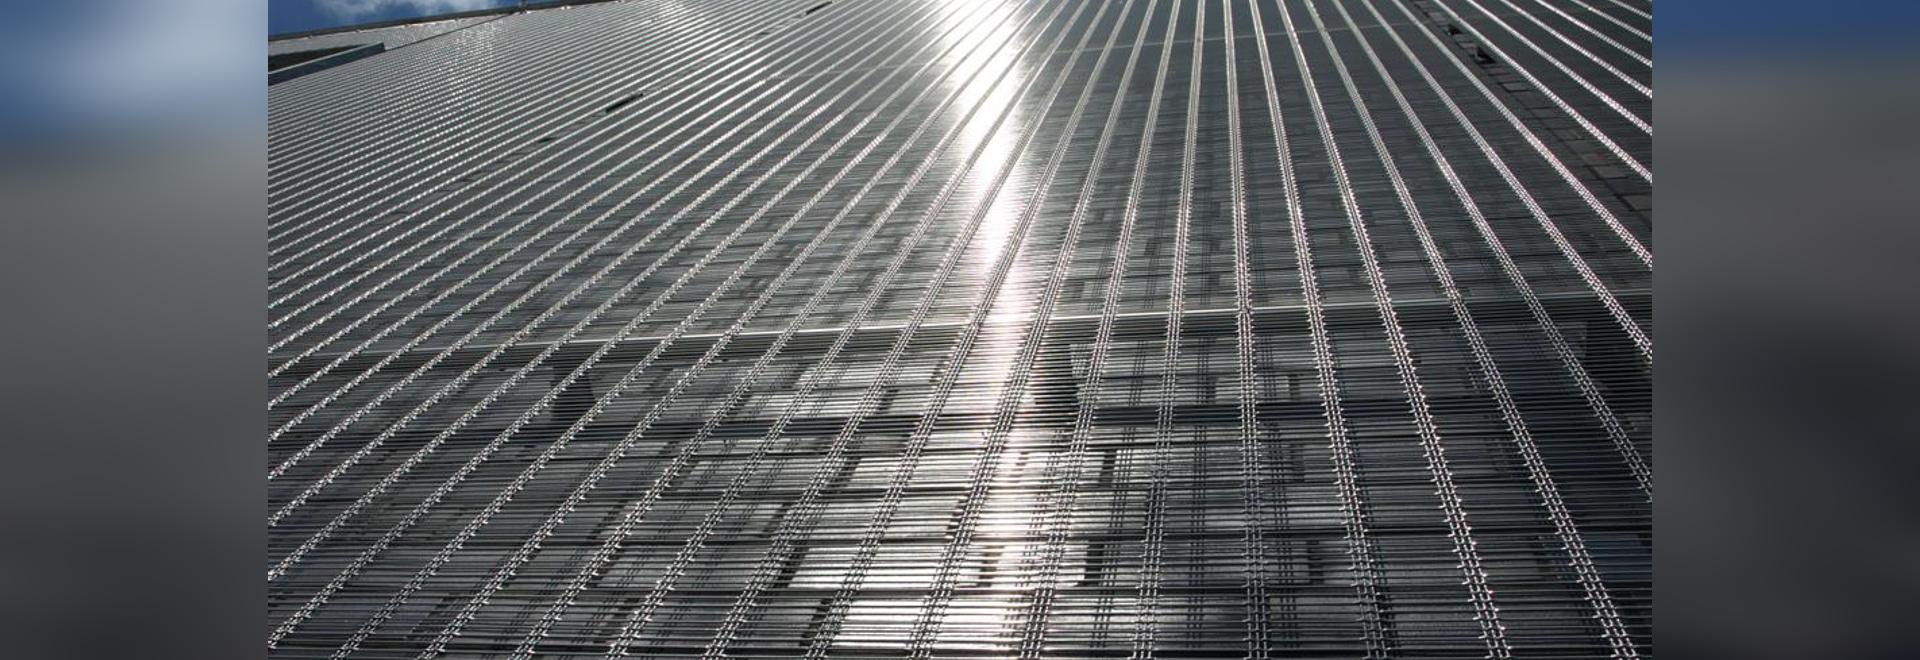 Façades en résille métallique pour l'architecture